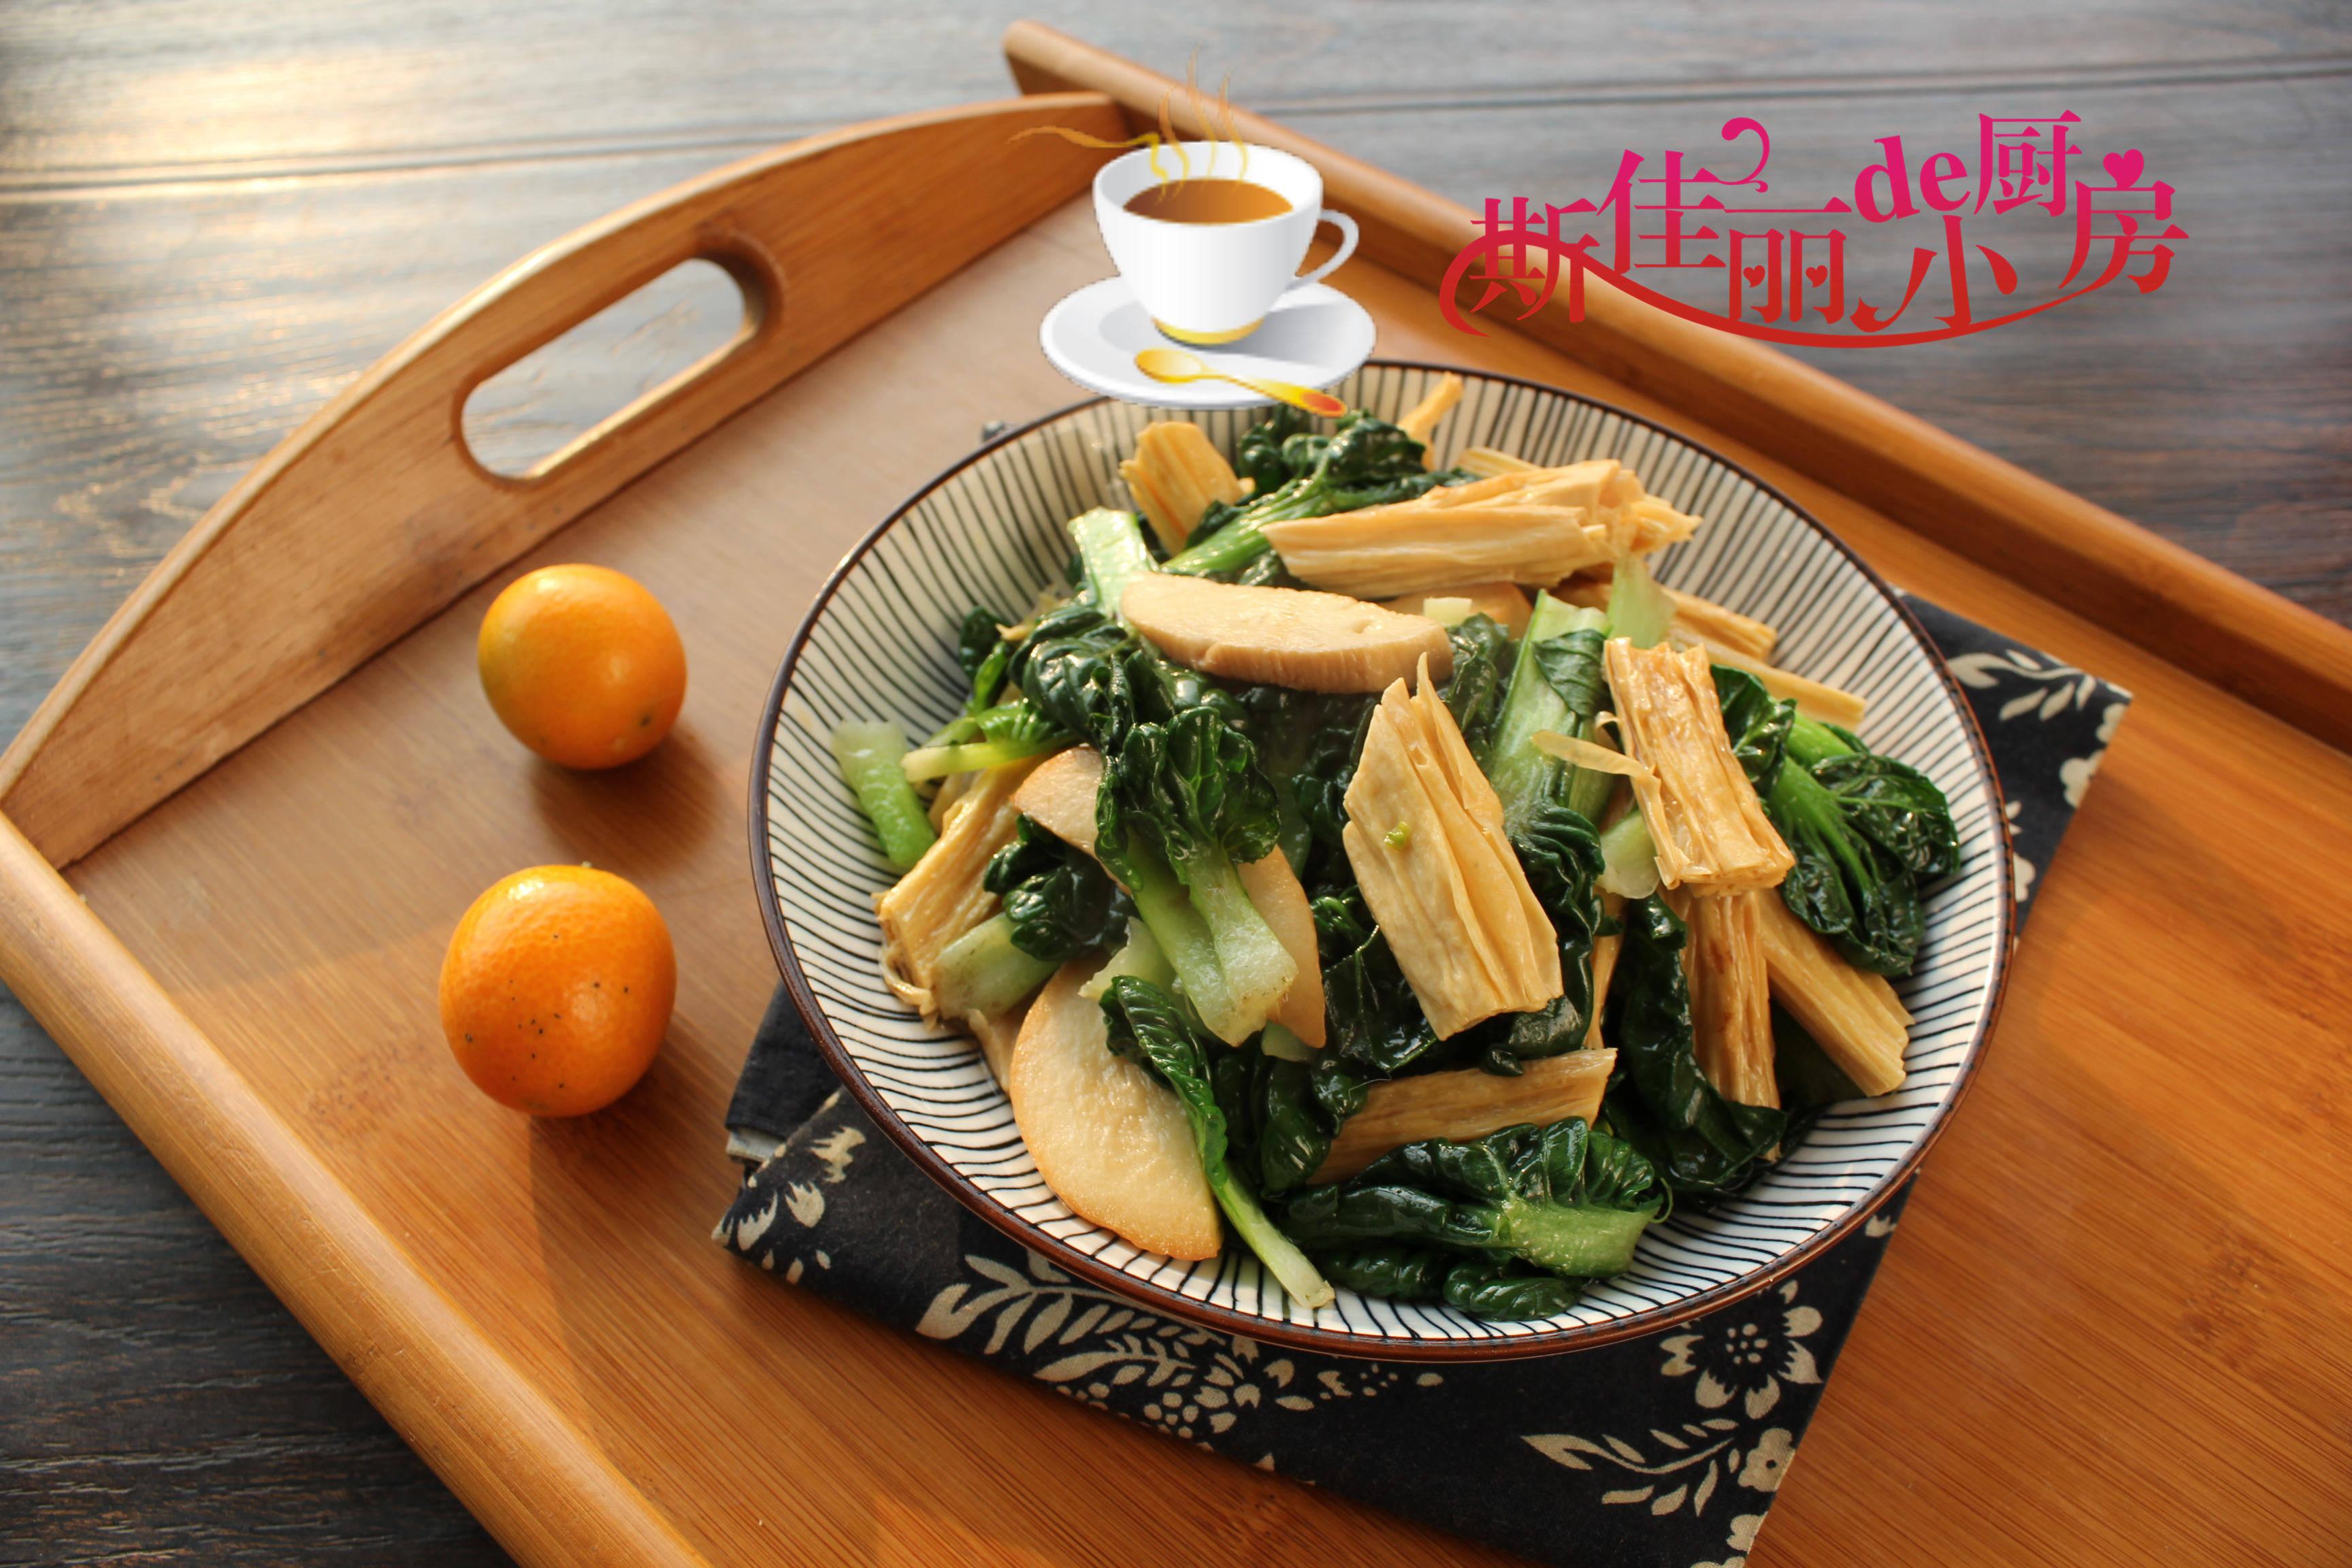 这三样素菜一起炒实在鲜美极了,宁可少吃肉也要吃它,营养又美味